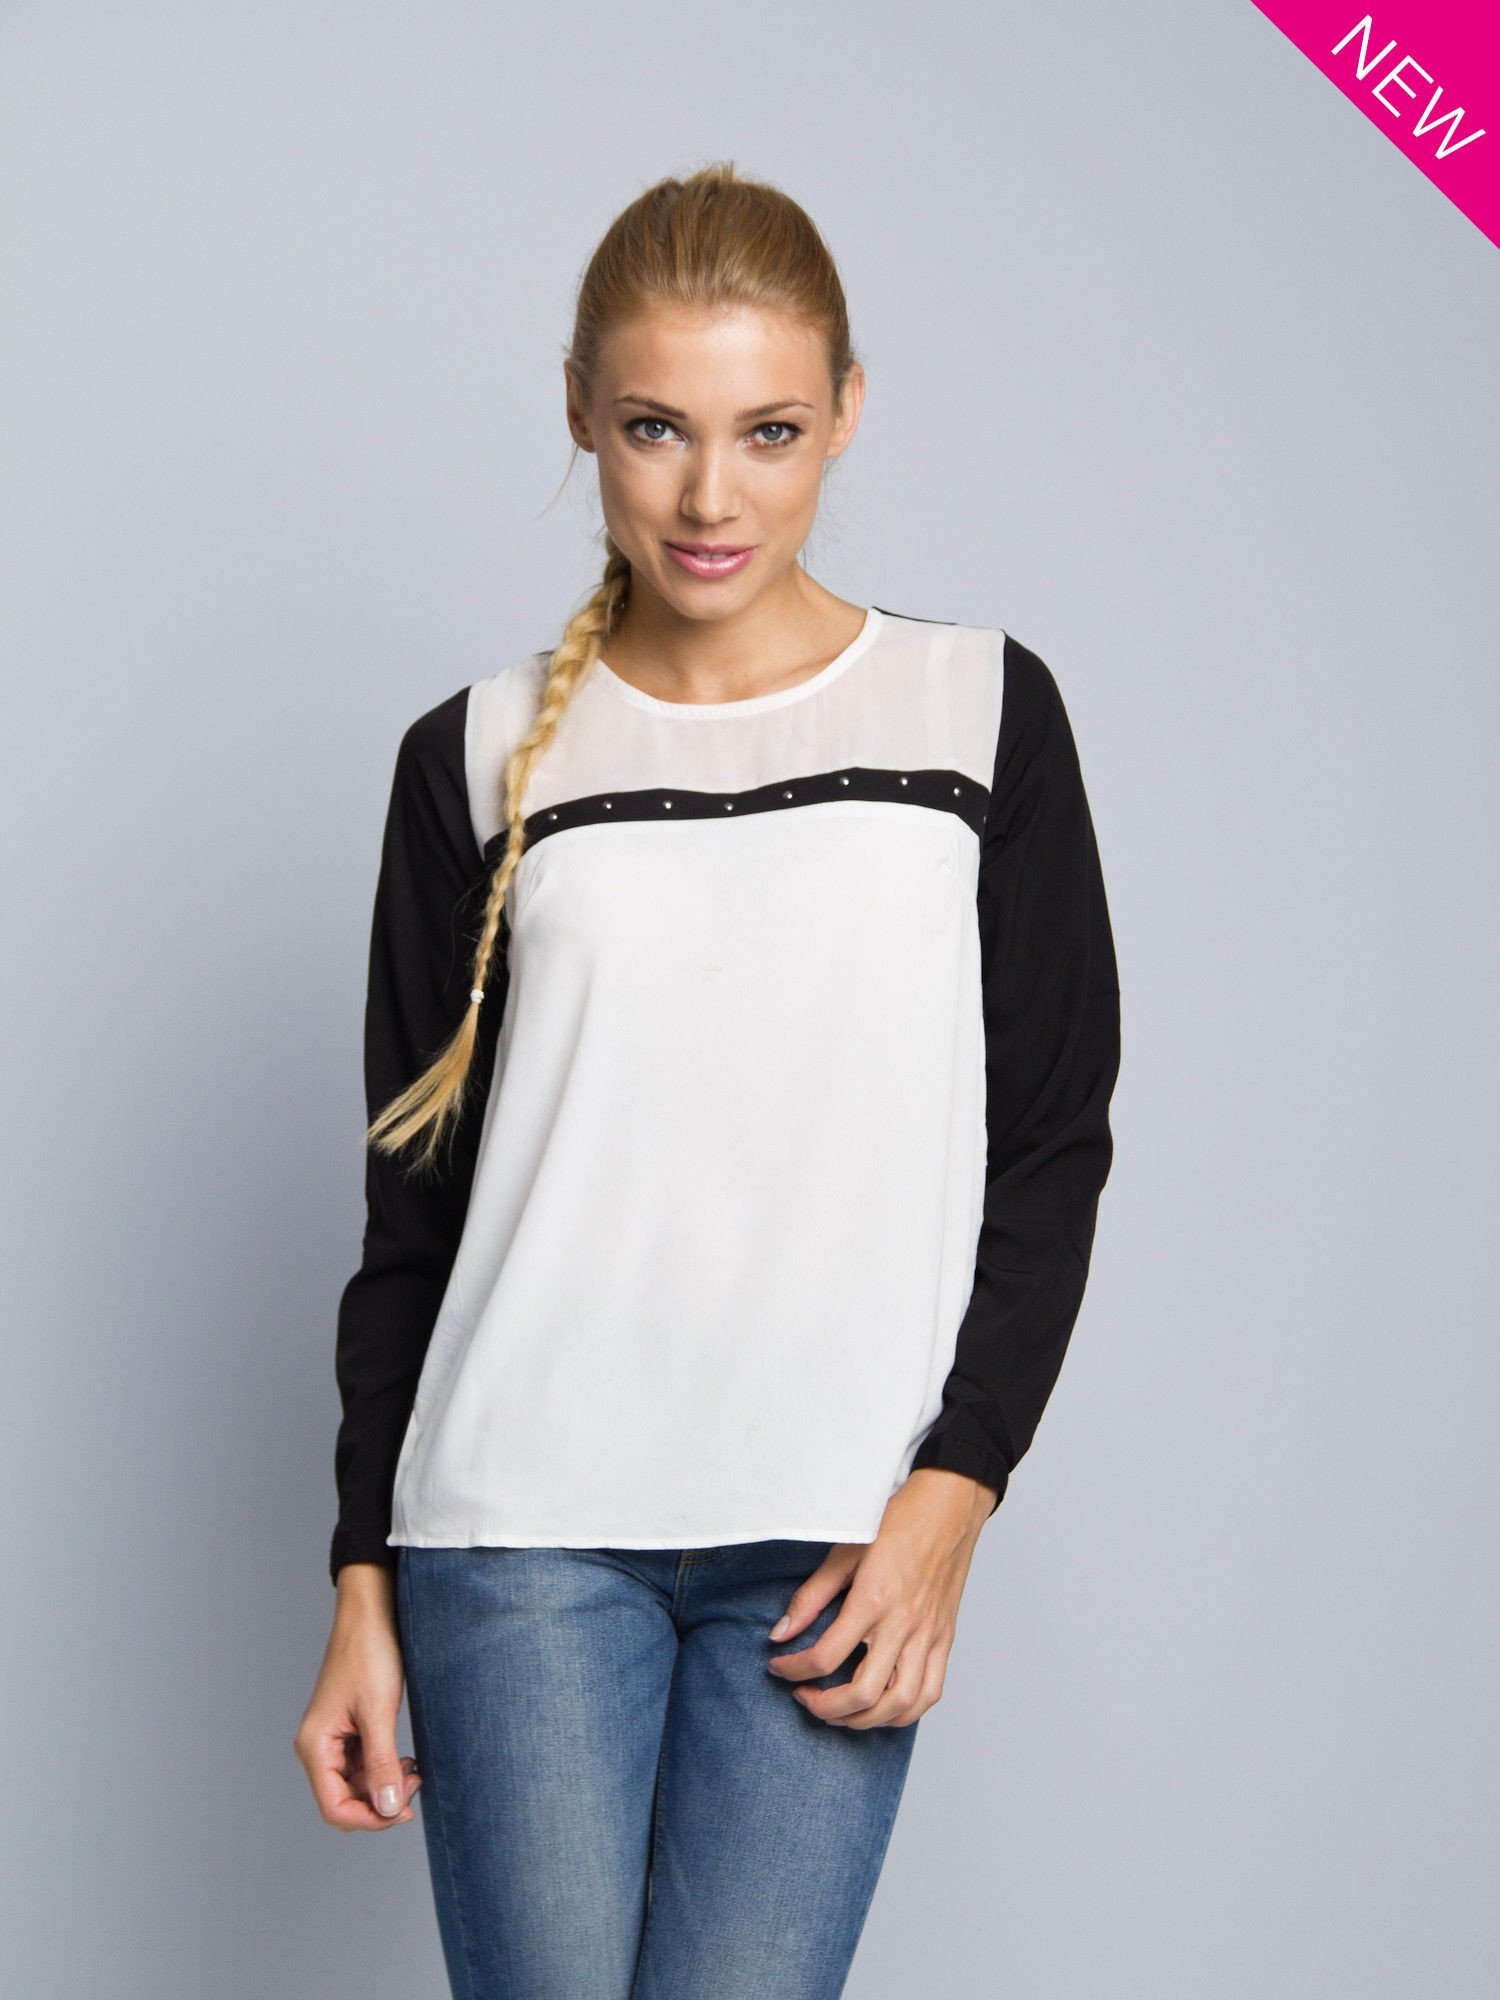 Biała koszula z kontrastowymi rękawami i czarnym pasem z przodu ozdobionym dżetami                                  zdj.                                  1